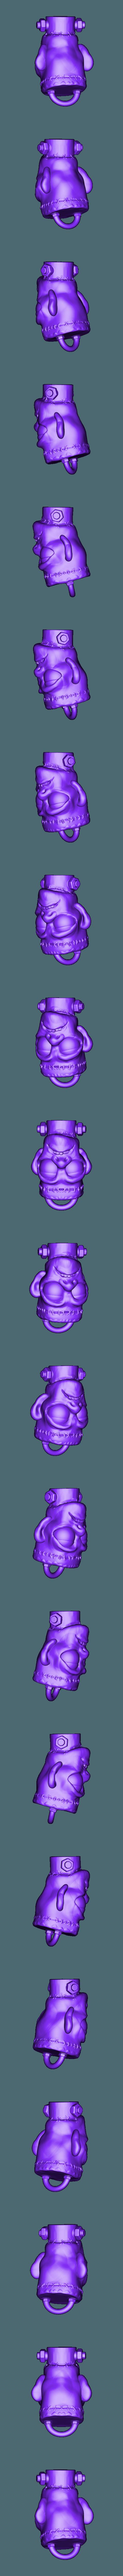 frank.stl Download STL file Frank • 3D printable object, Donegal3D